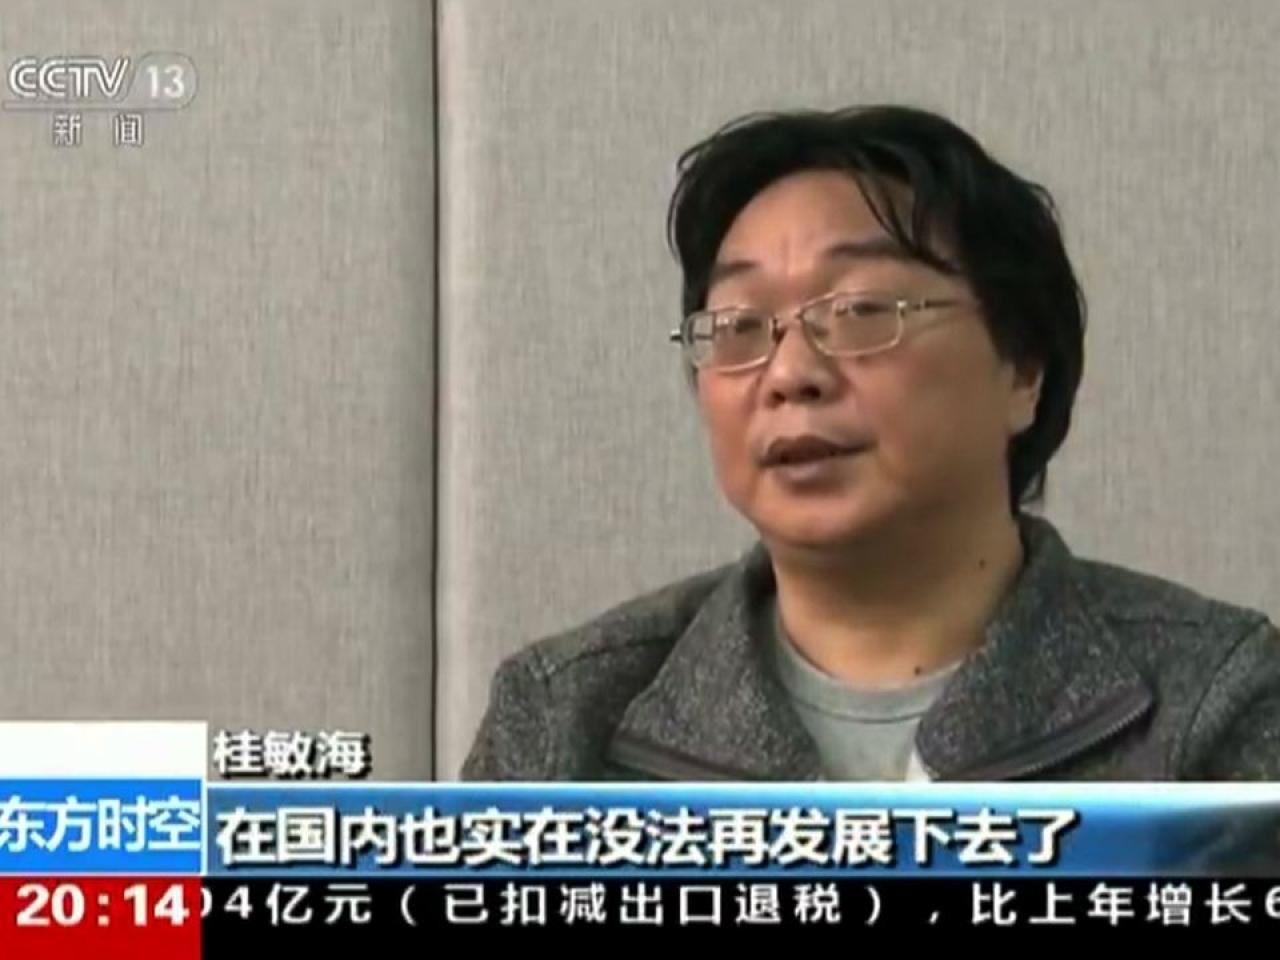 【港聞噏事】 桂敏海受央視專訪 為11年前醉駕撞人自首?